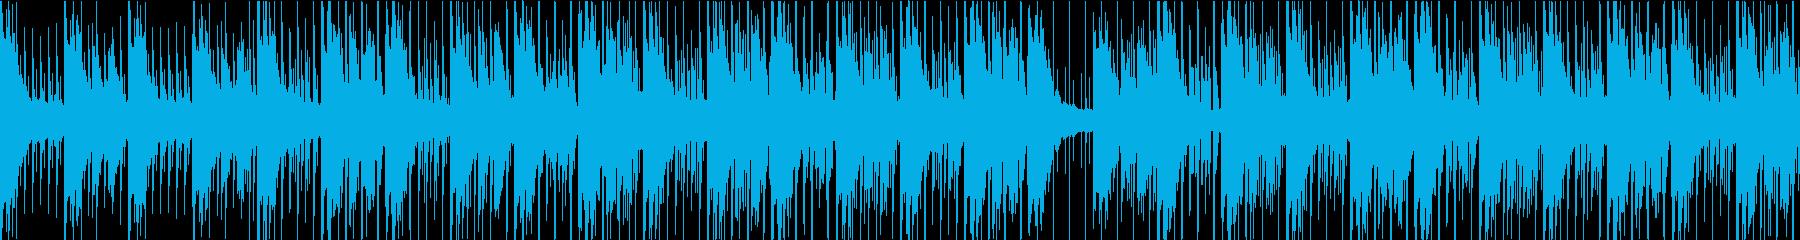 ニュース番組・インダストリー・ハウスの再生済みの波形